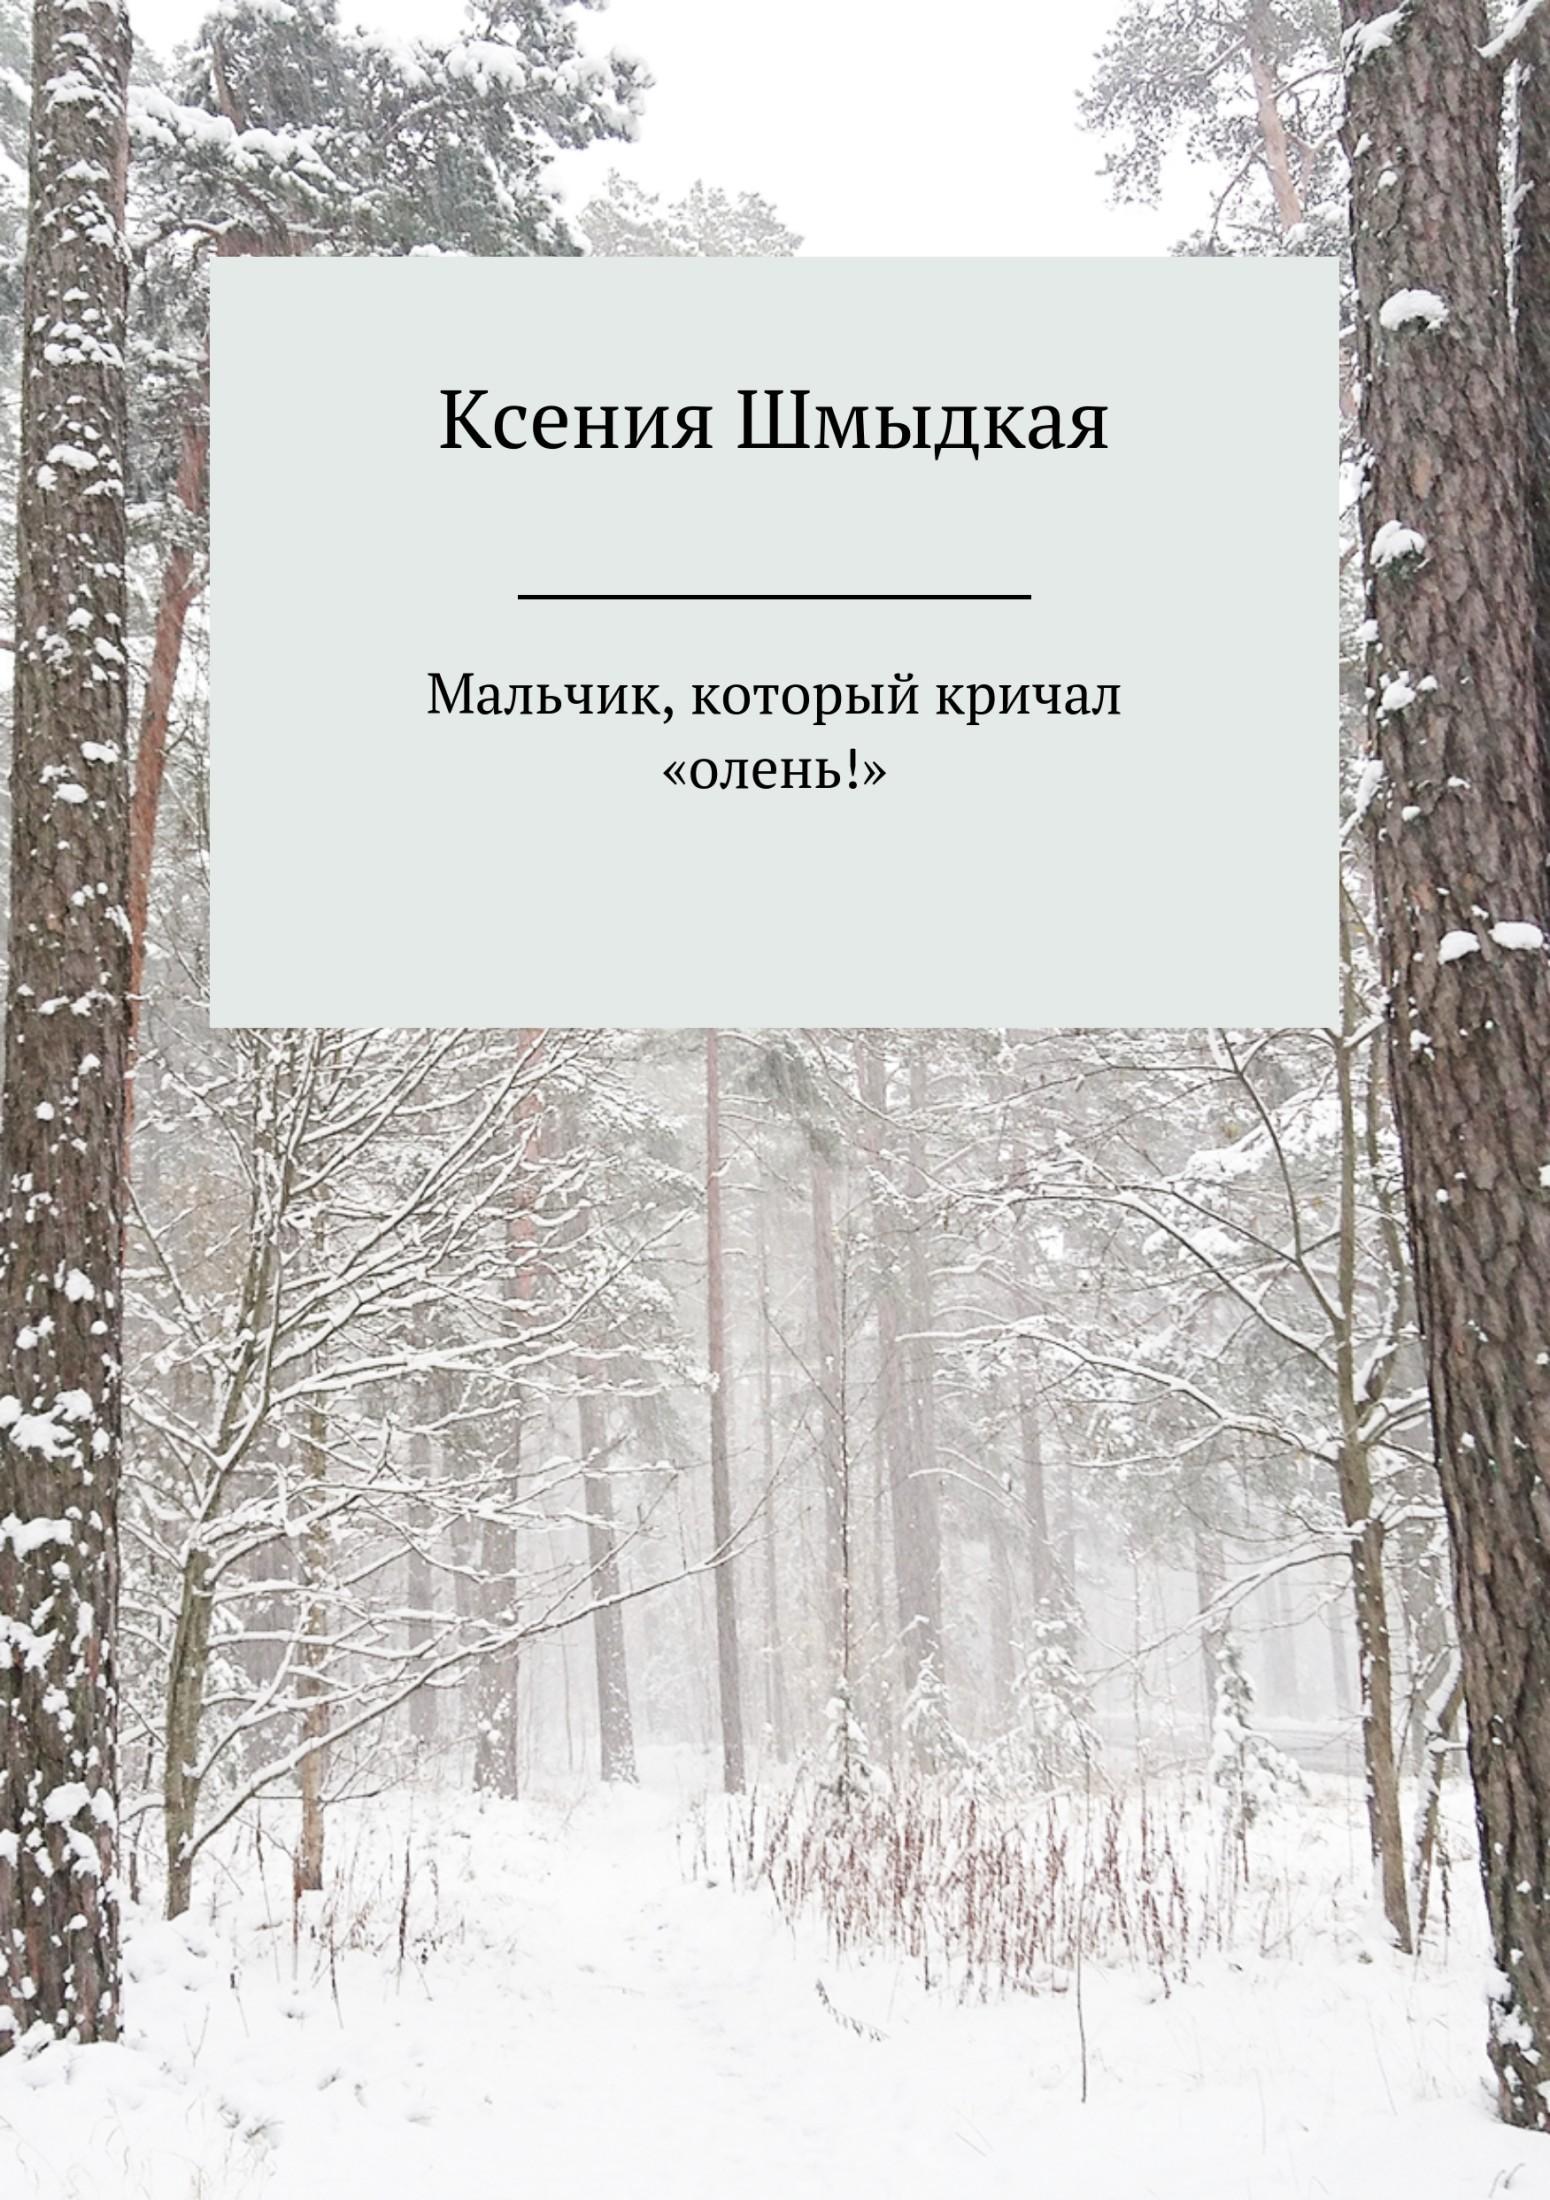 Ксения Шмыдкая Мальчик, который кричал «олень!» новые истории о мальчиках и девочках